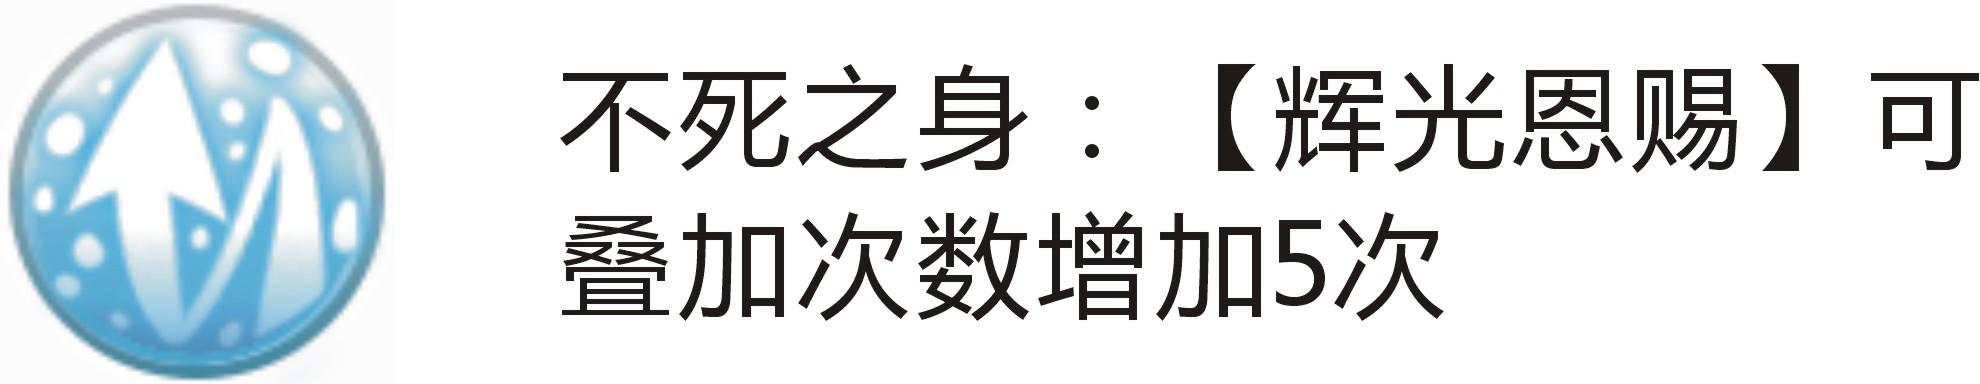 辉光恩赐2.jpg